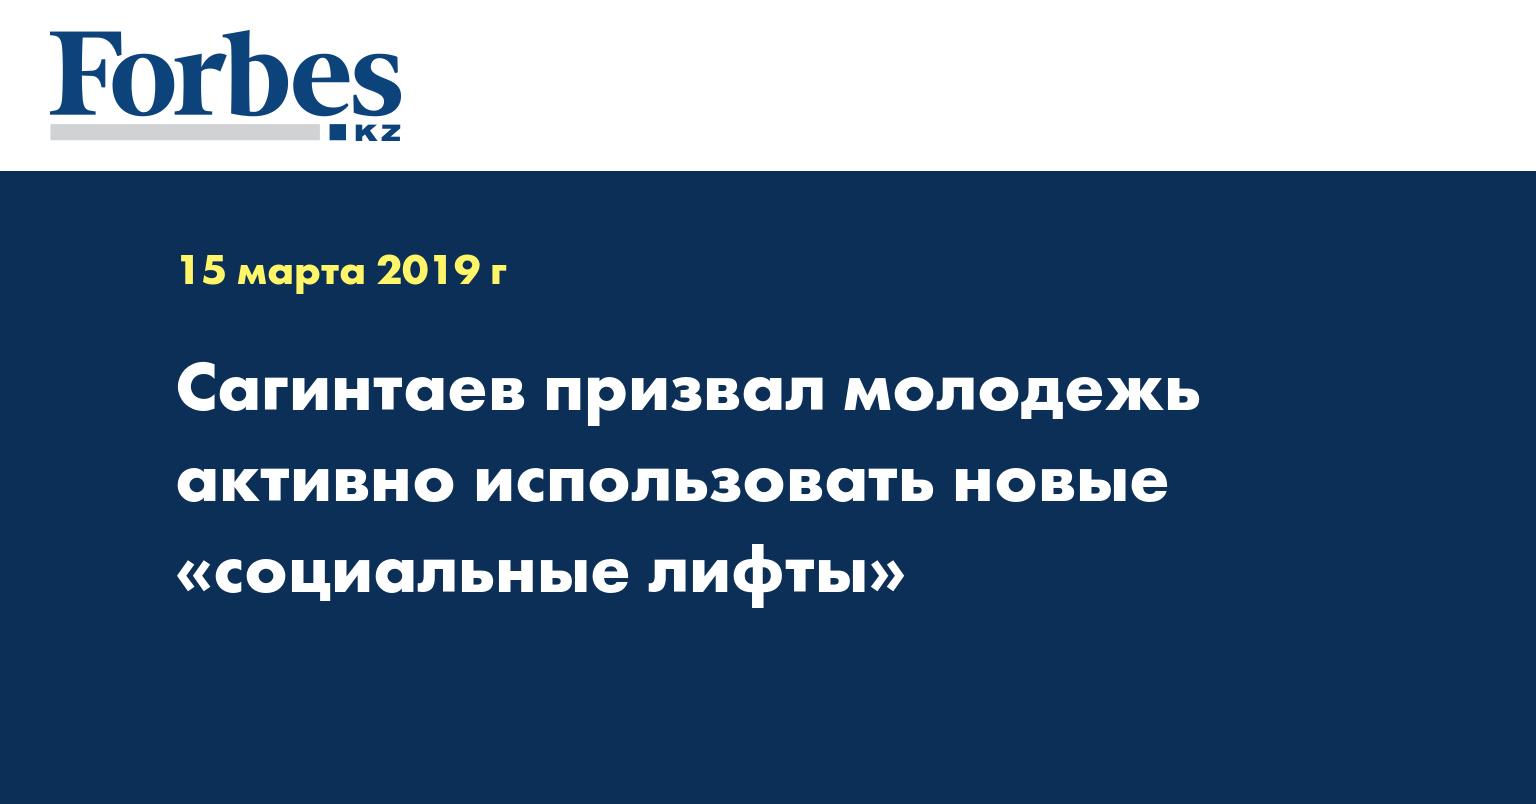 Сагинтаев призвал молодежь активно использовать новые «социальные лифты»